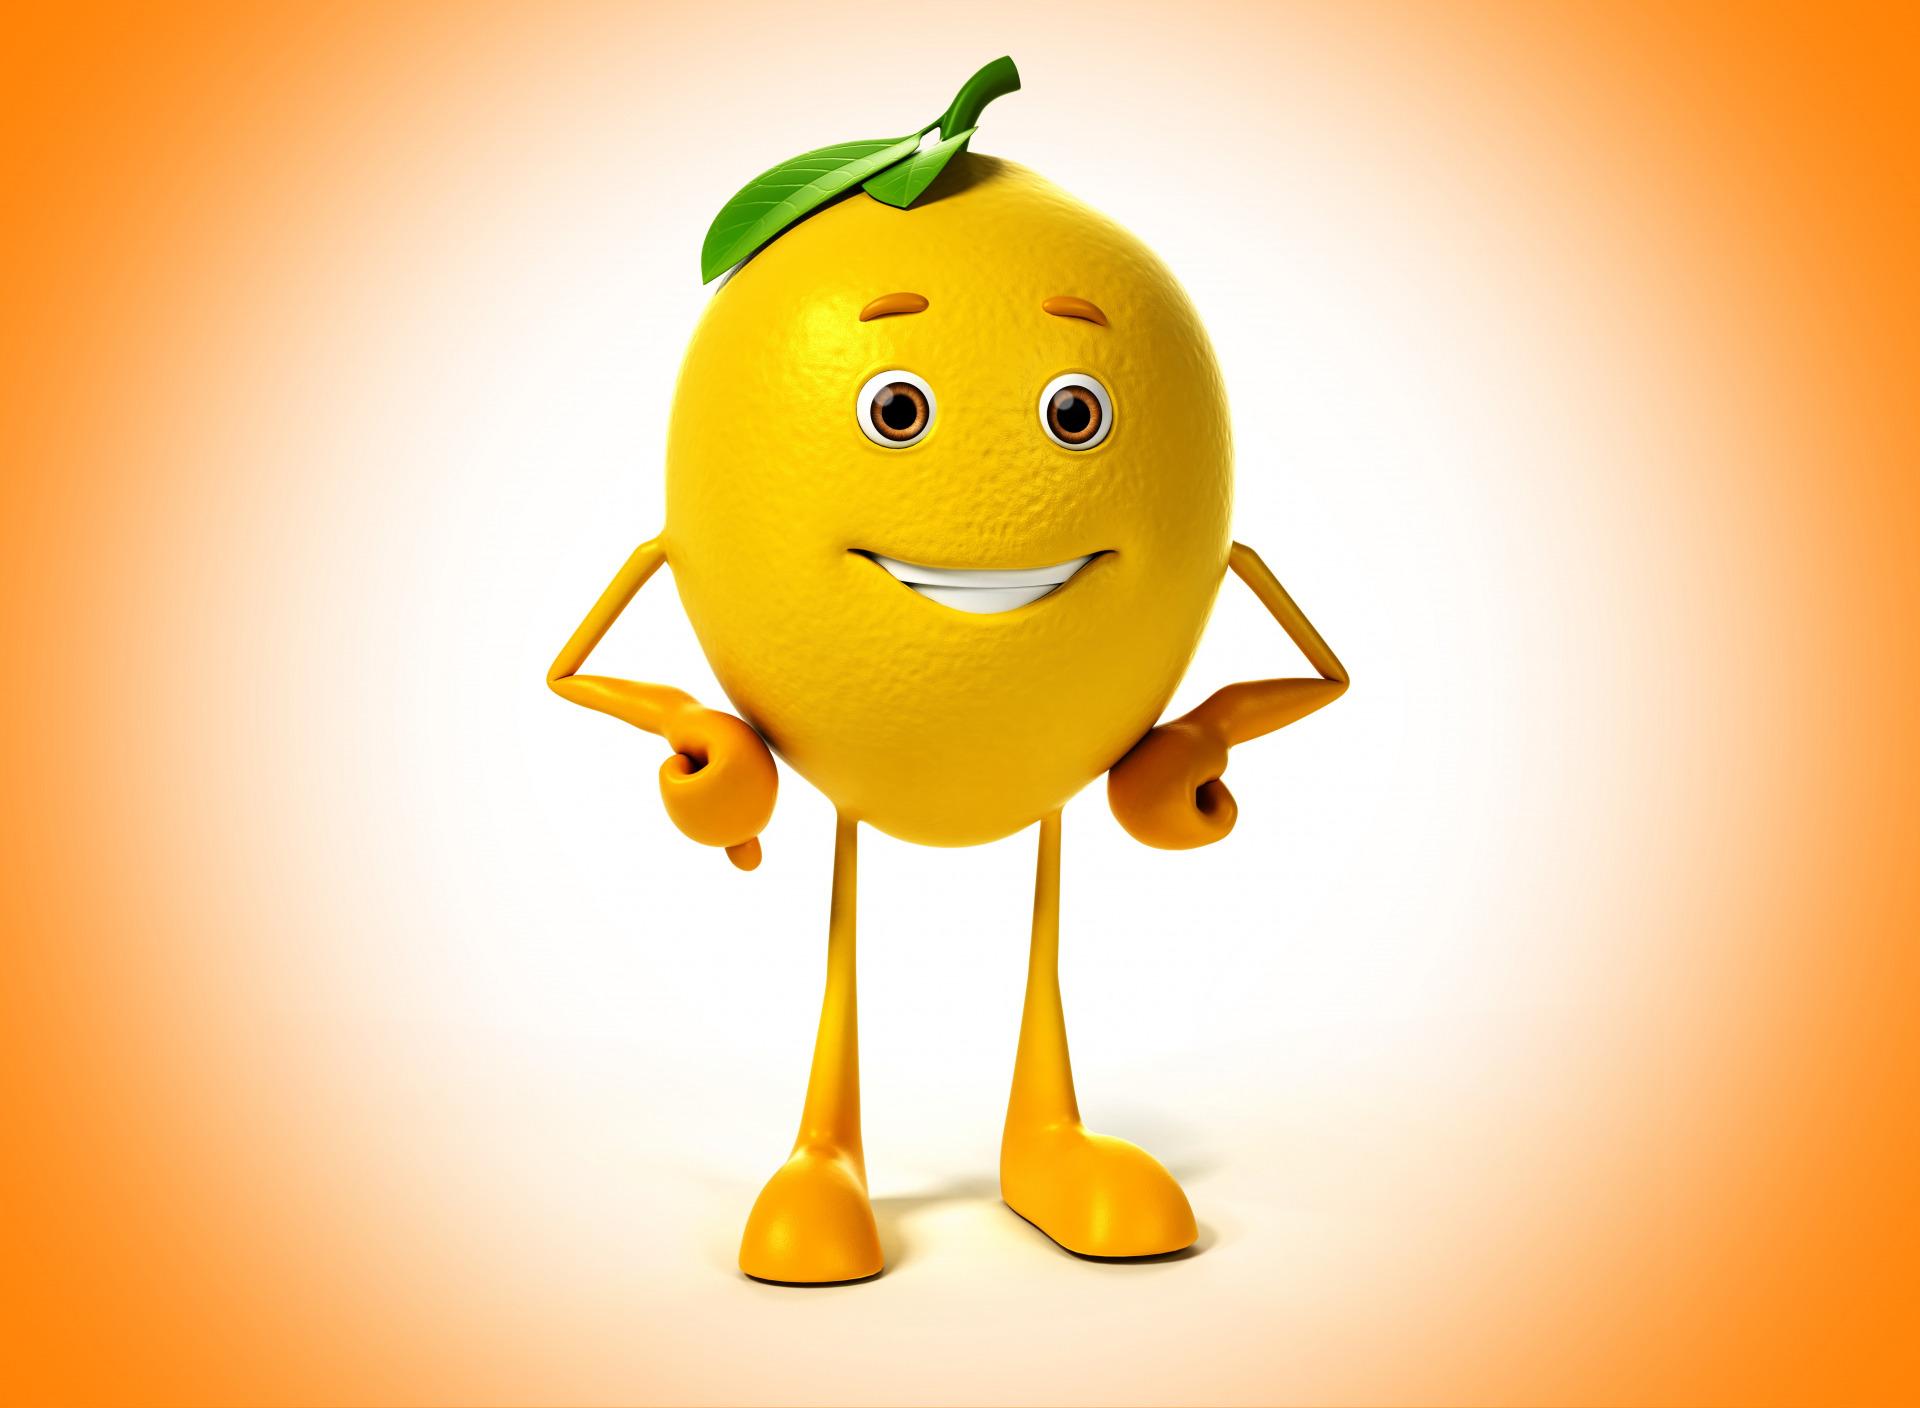 Лимон в картинках смешных, надписью скучаю